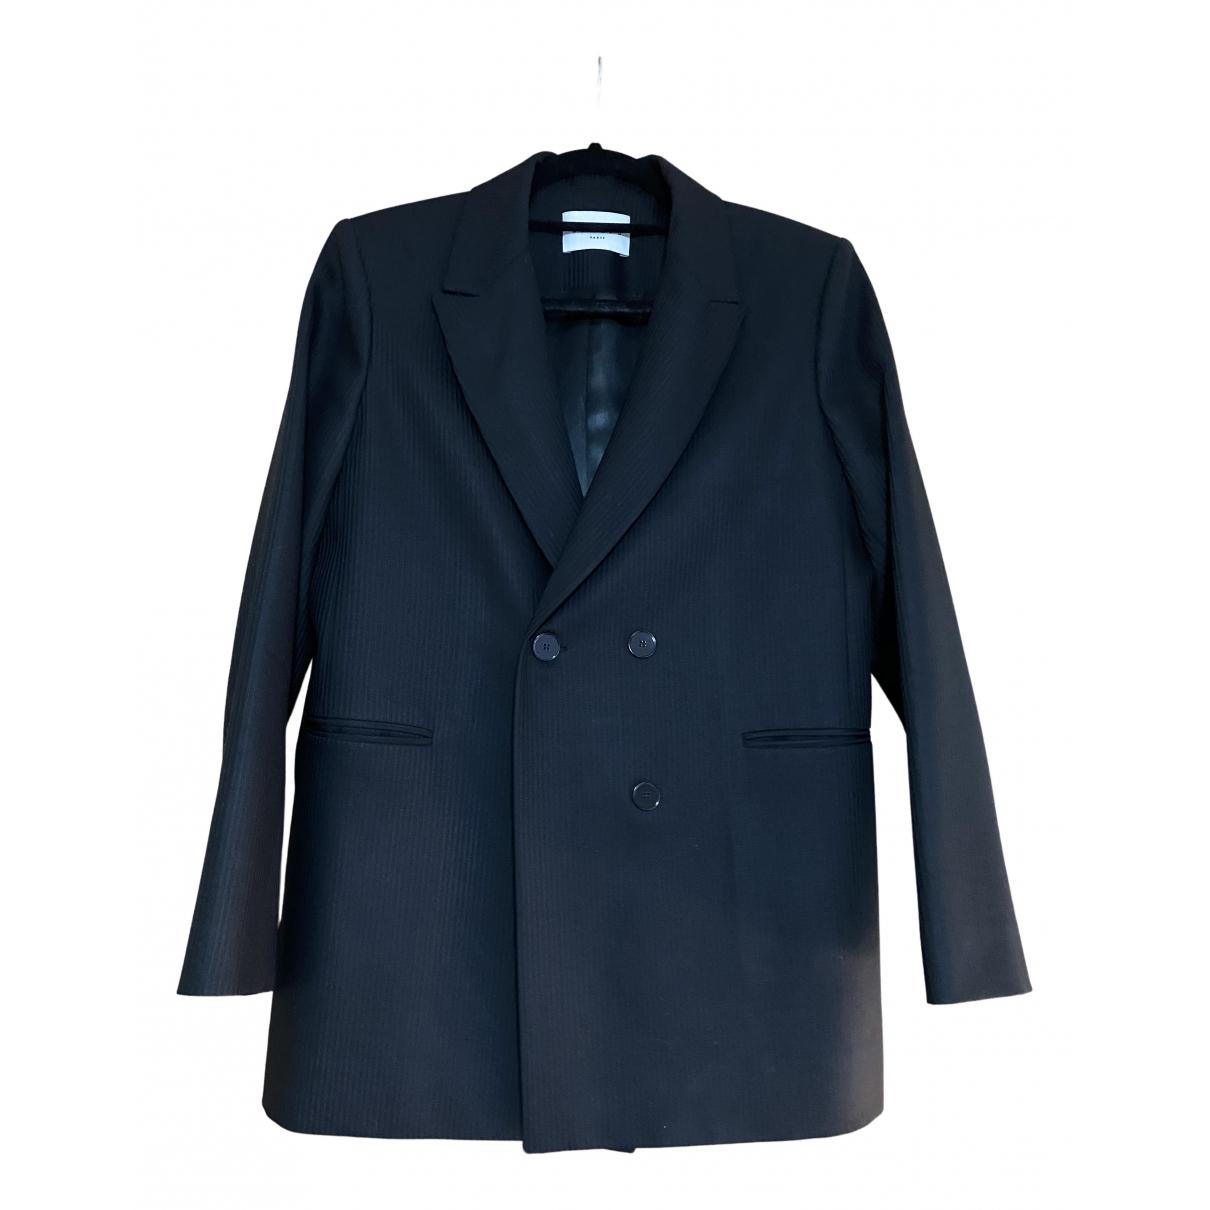 Sandro \N Black Wool jacket for Women 40 FR